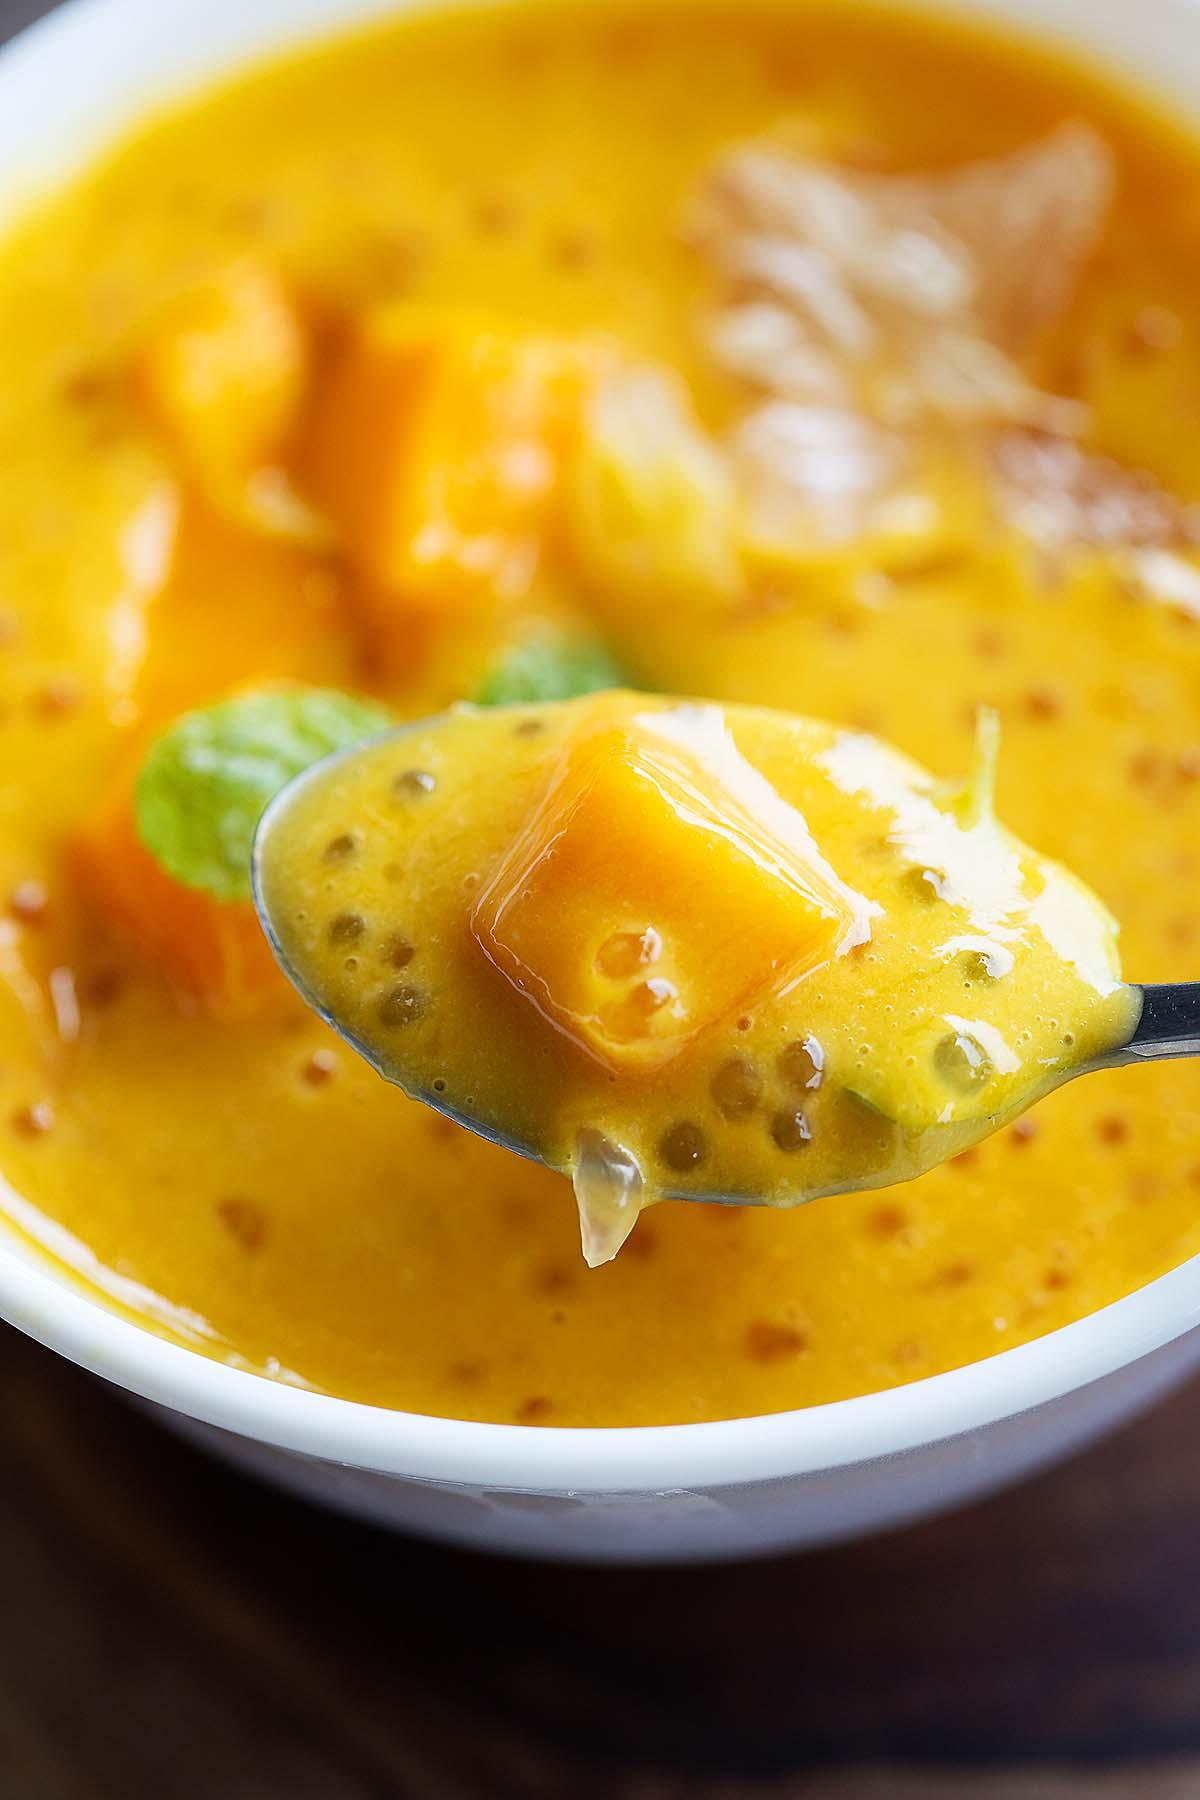 Dessert facile à la mangue garni de mangues fraîches et de feuilles de menthe.